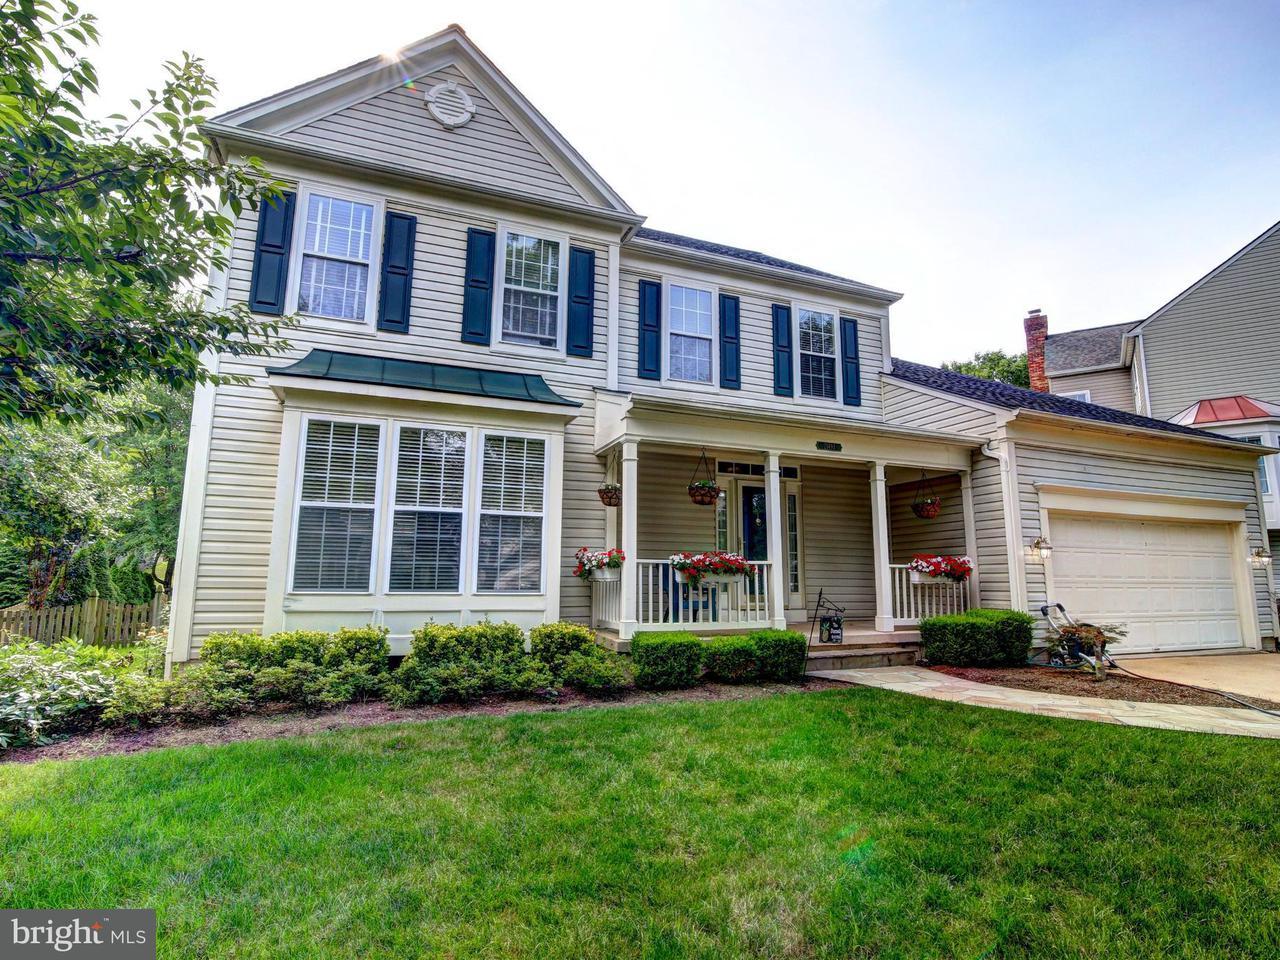 Casa Unifamiliar por un Venta en 21493 HEARTHSTONE Court 21493 HEARTHSTONE Court Broadlands, Virginia 20148 Estados Unidos